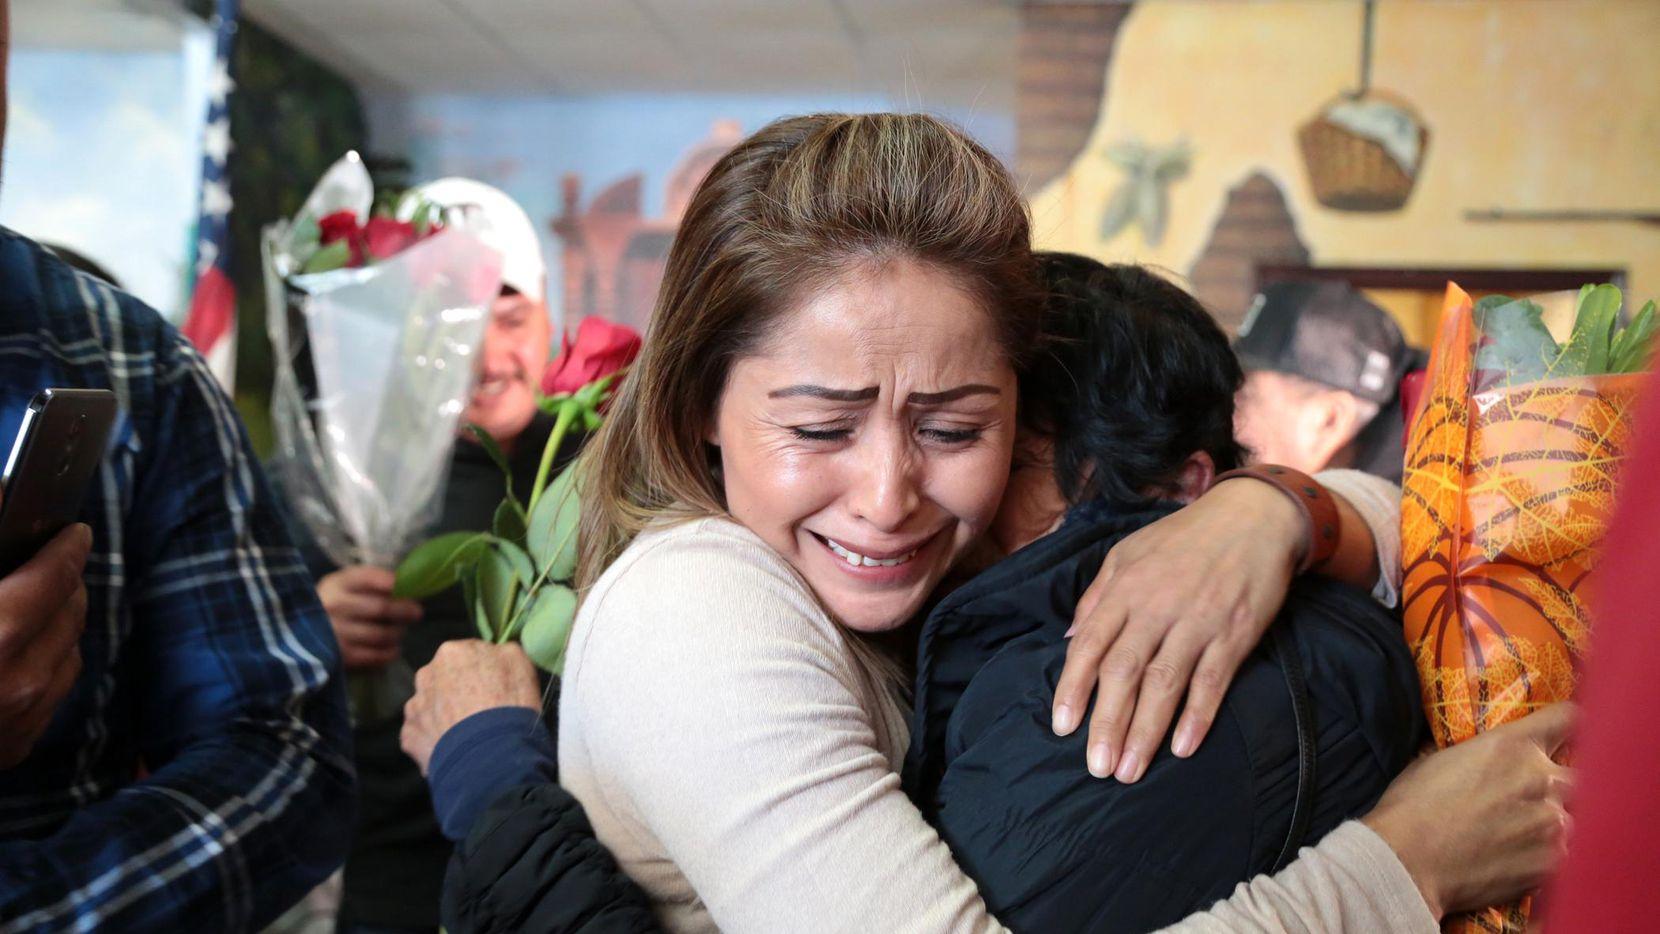 Antonia Martínez se reencontró con su madre María Florencia por primera vez en 18 años. MARÍA OLIVAS/AL DÍA